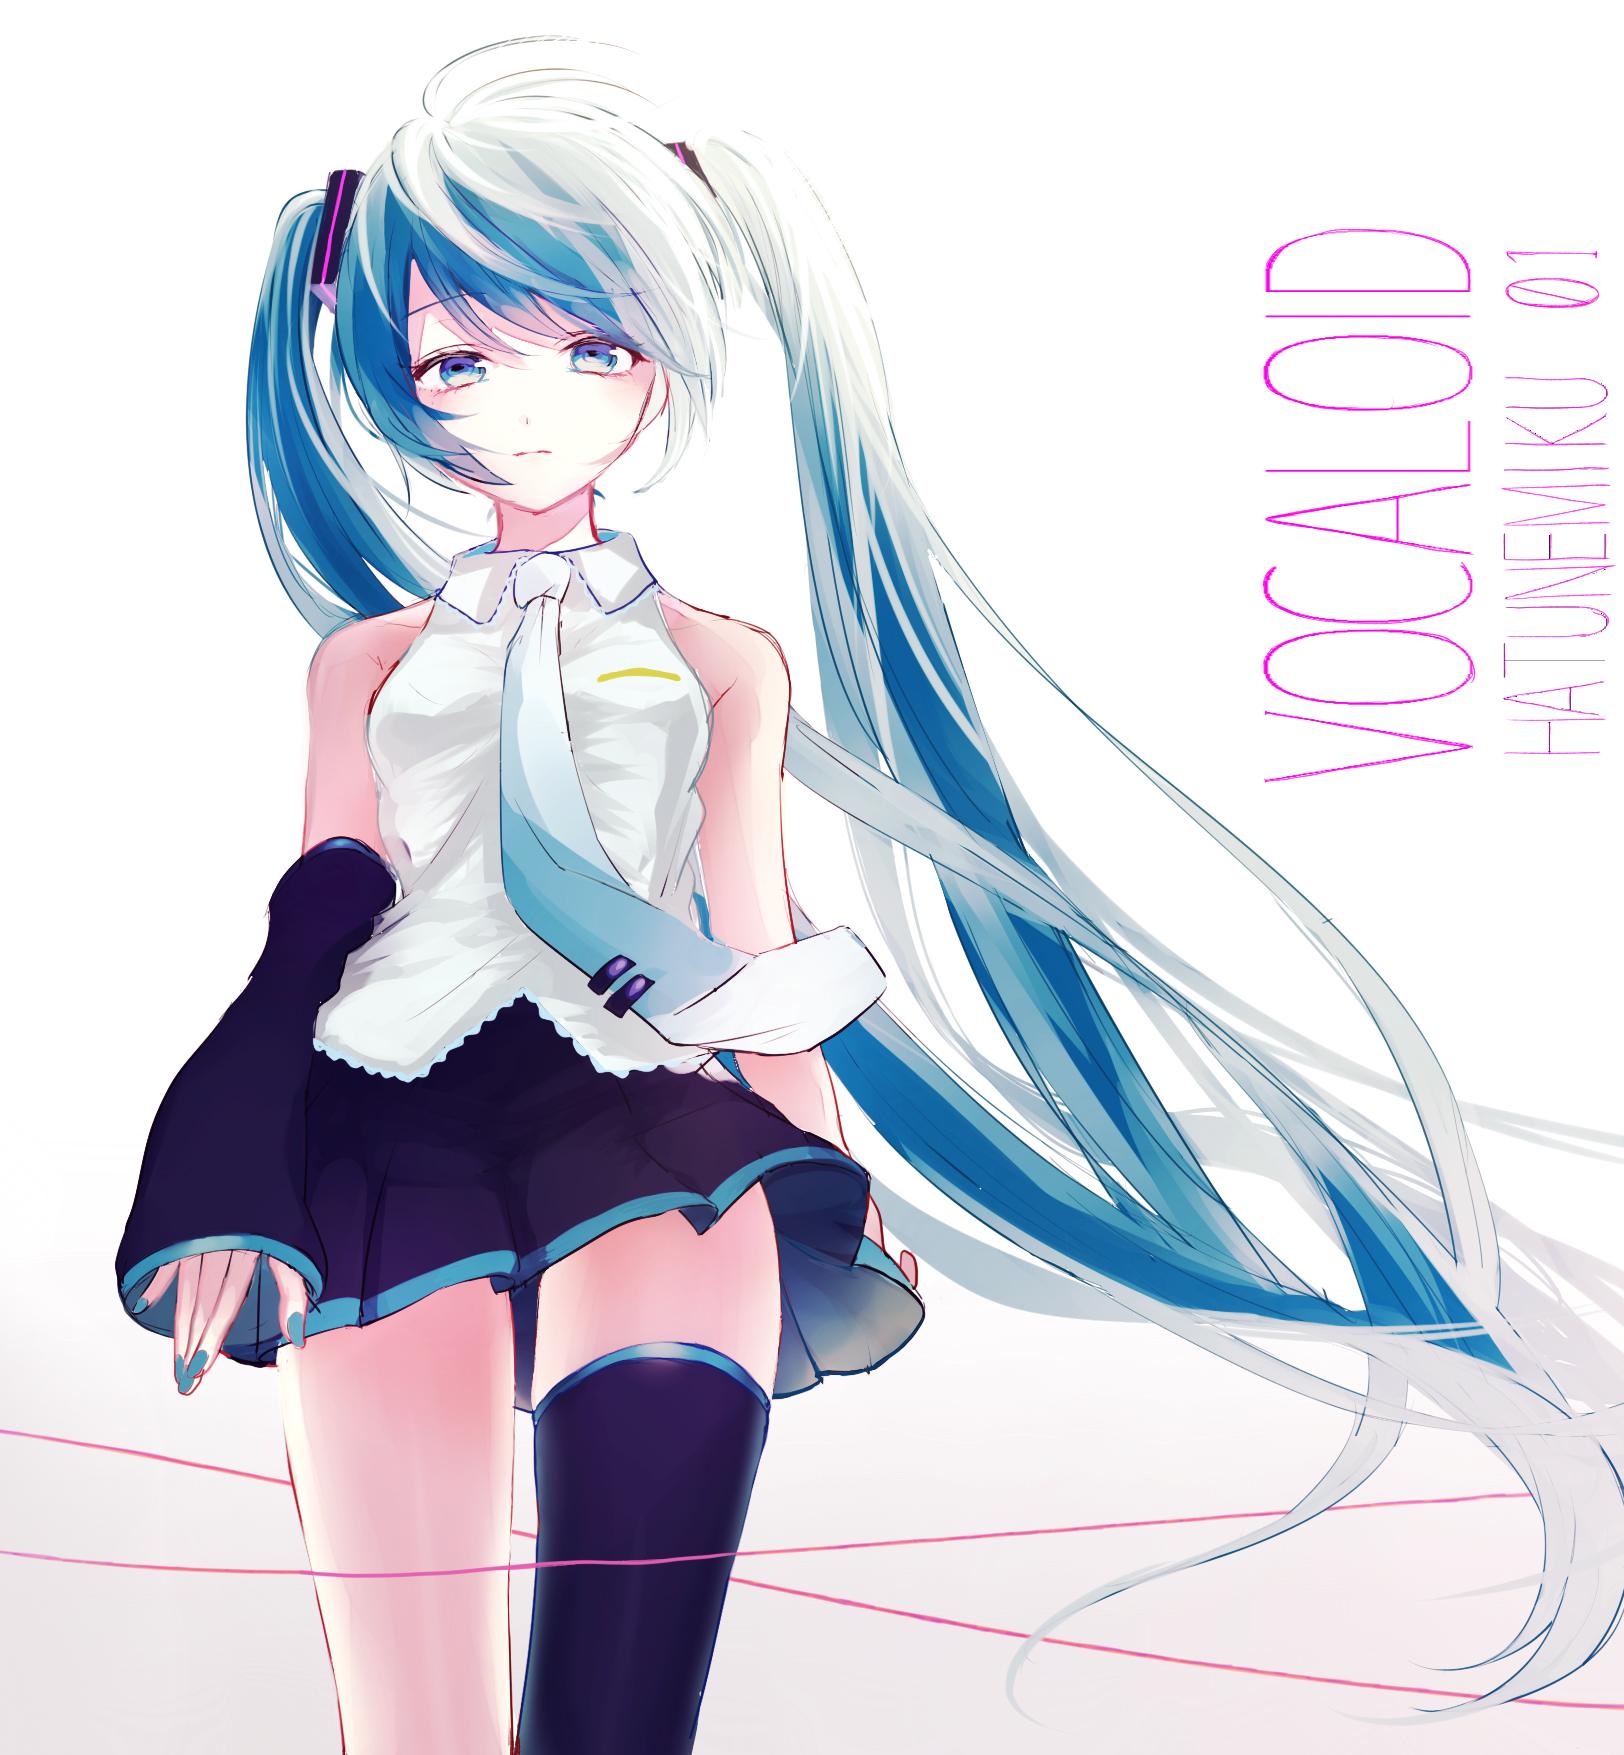 100+ hình ảnh anime girl lạnh lùng - hinhanhsieudep.net